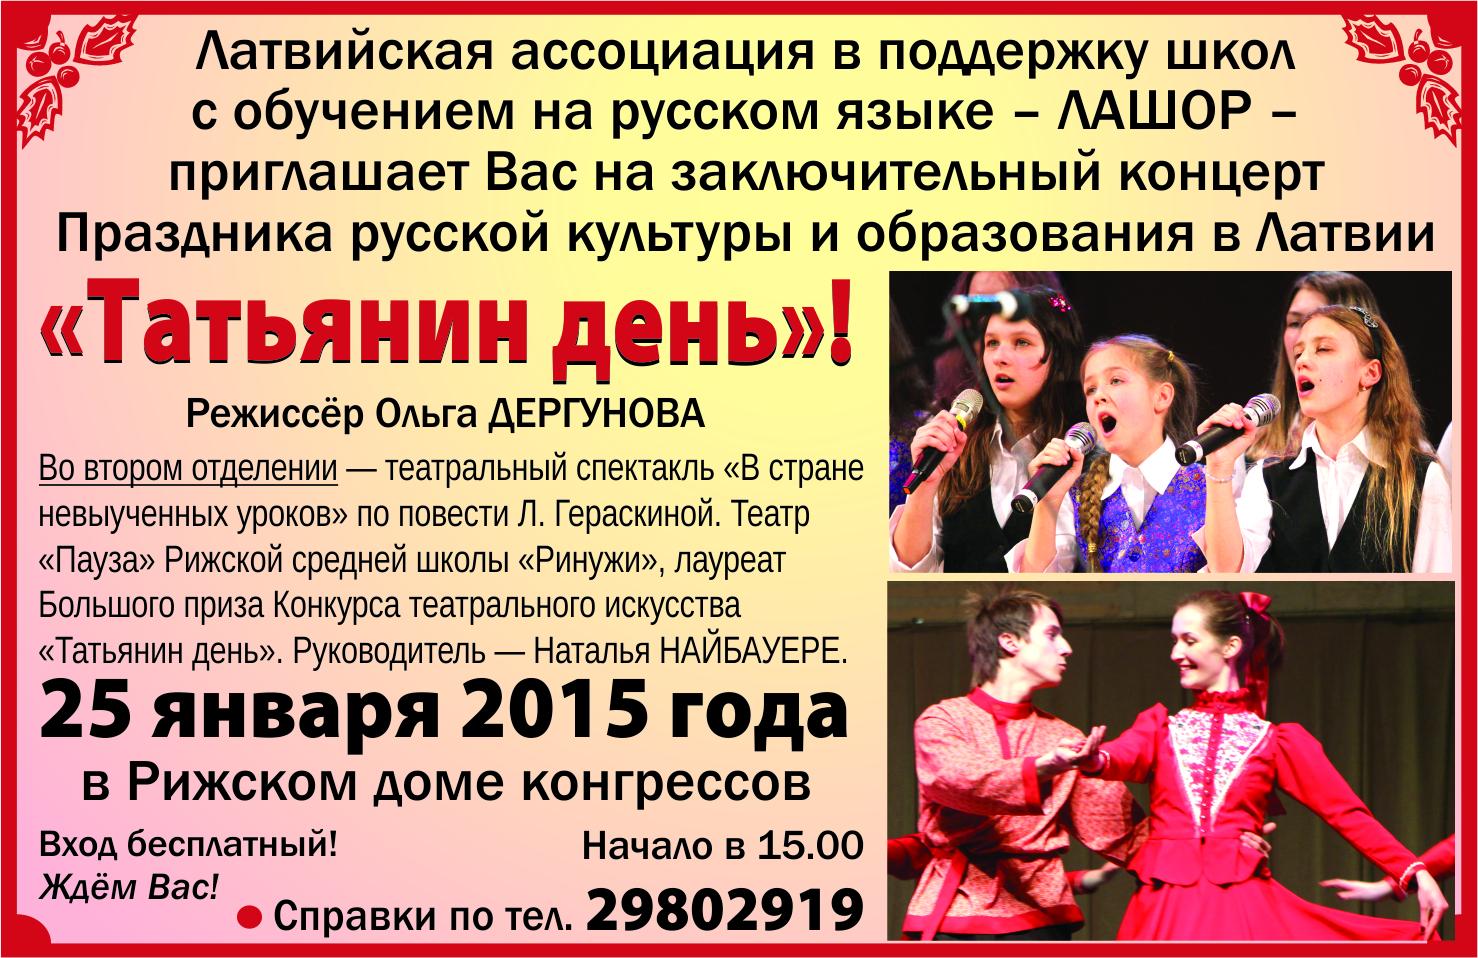 Татьянин день - праздник русской культуры и образования в Латвии. 2014 г.